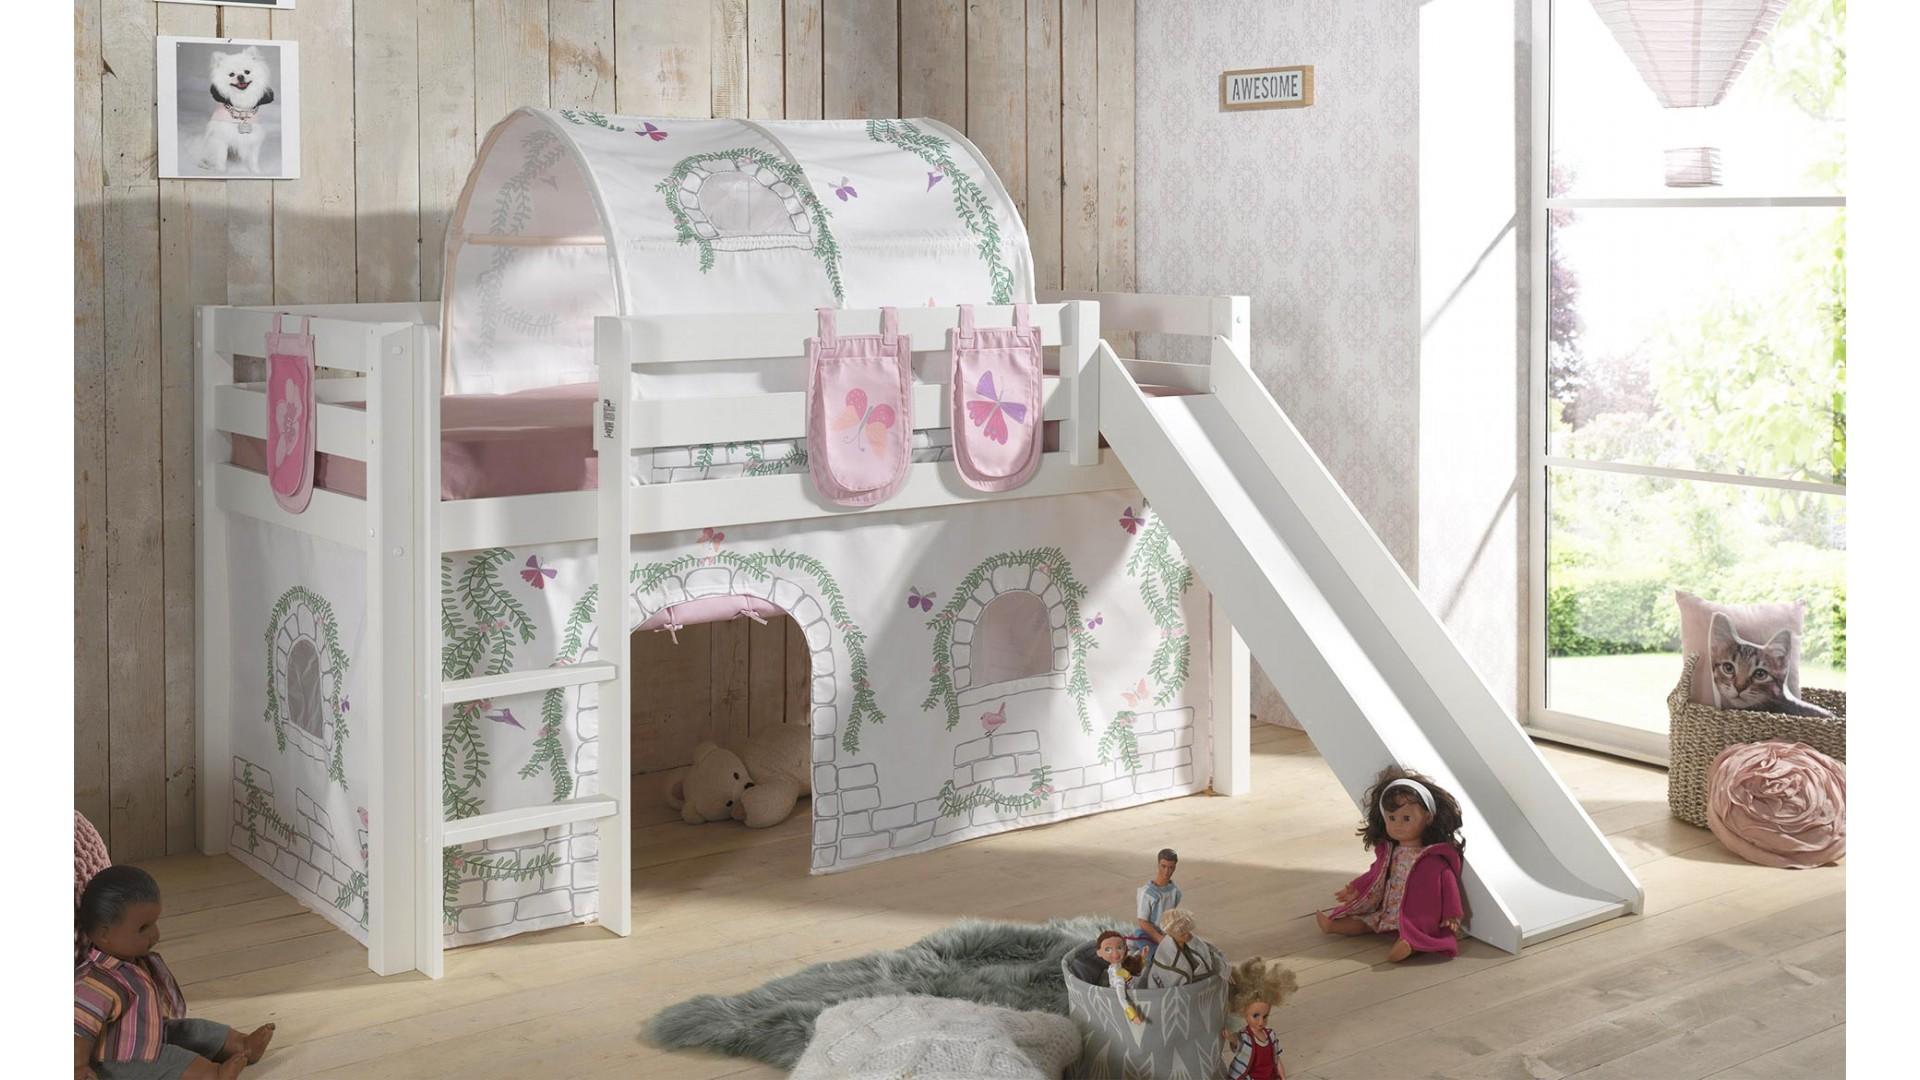 Tissus cabane décor birdy pour lit mi-haut - SONUIT